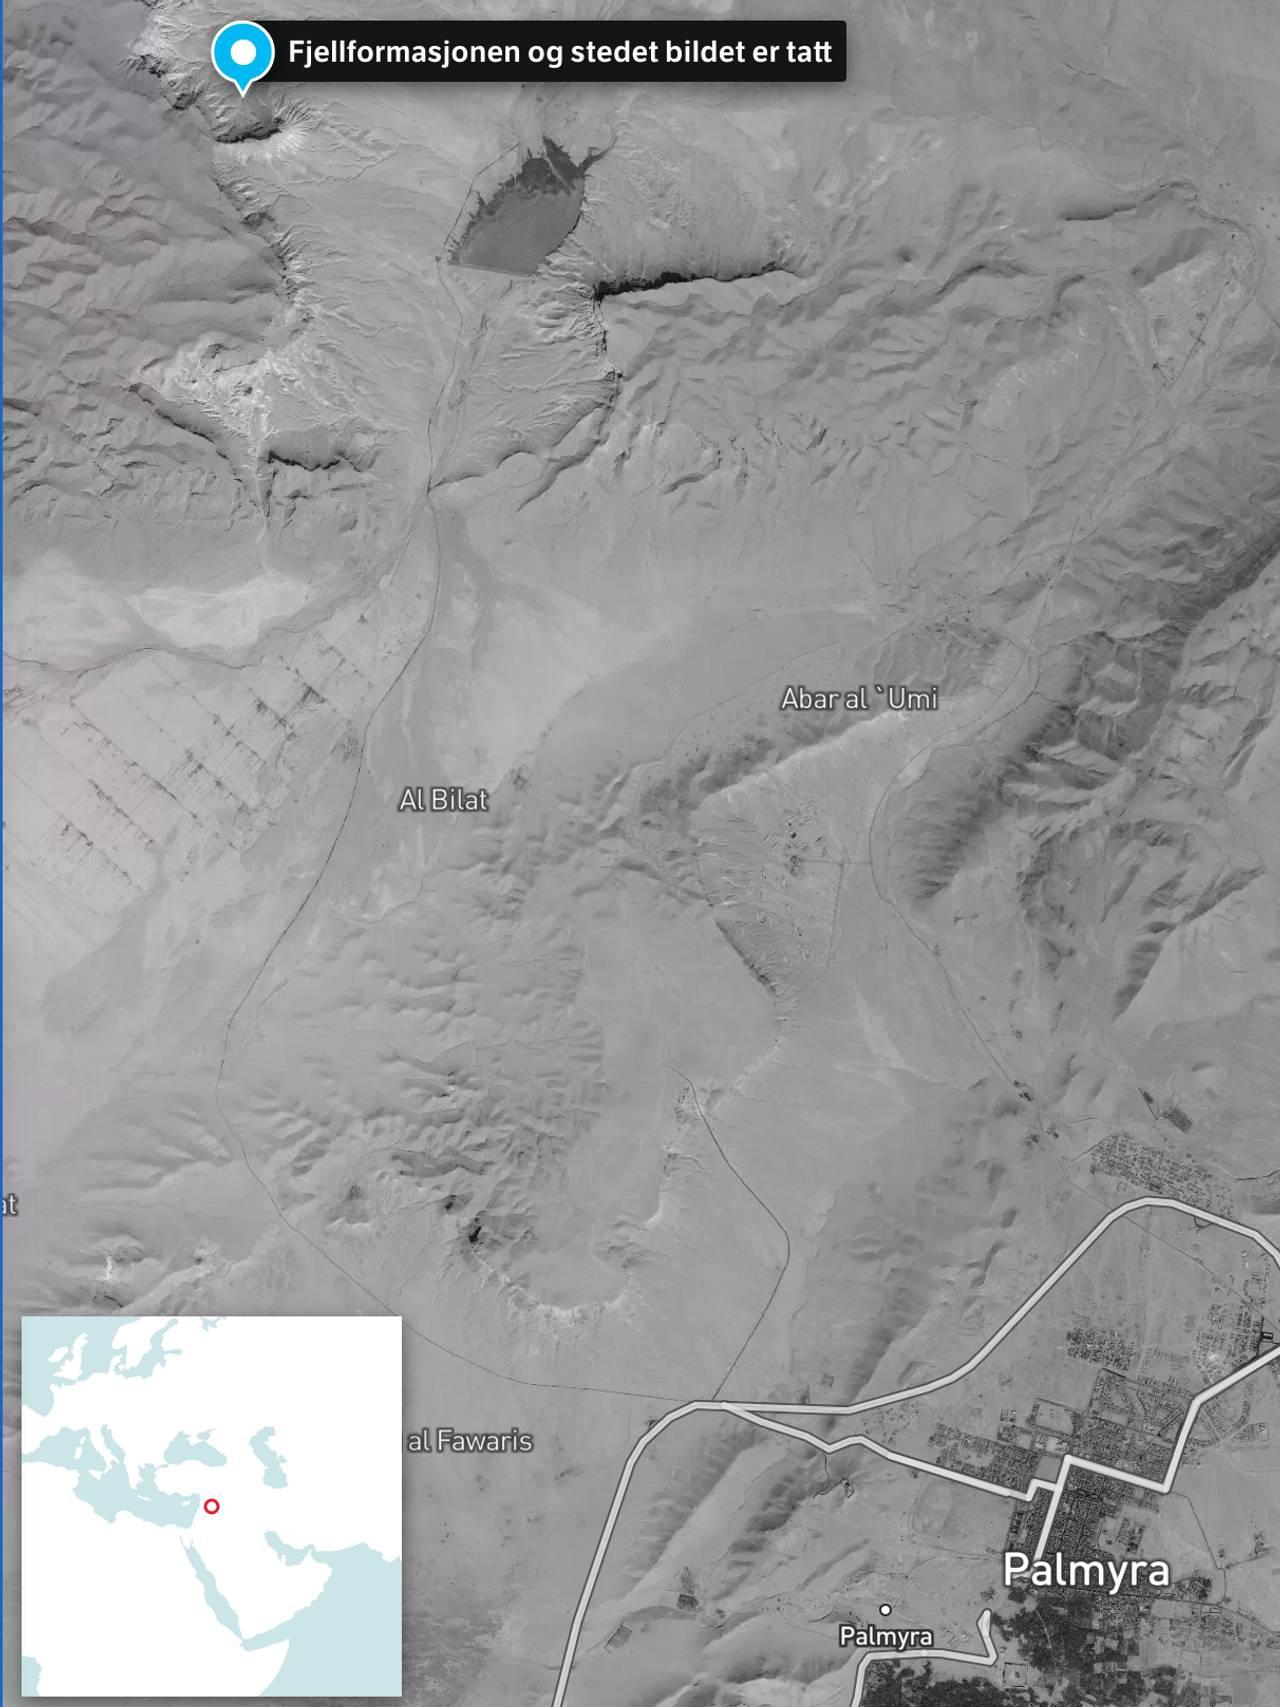 Kart over Palmyra